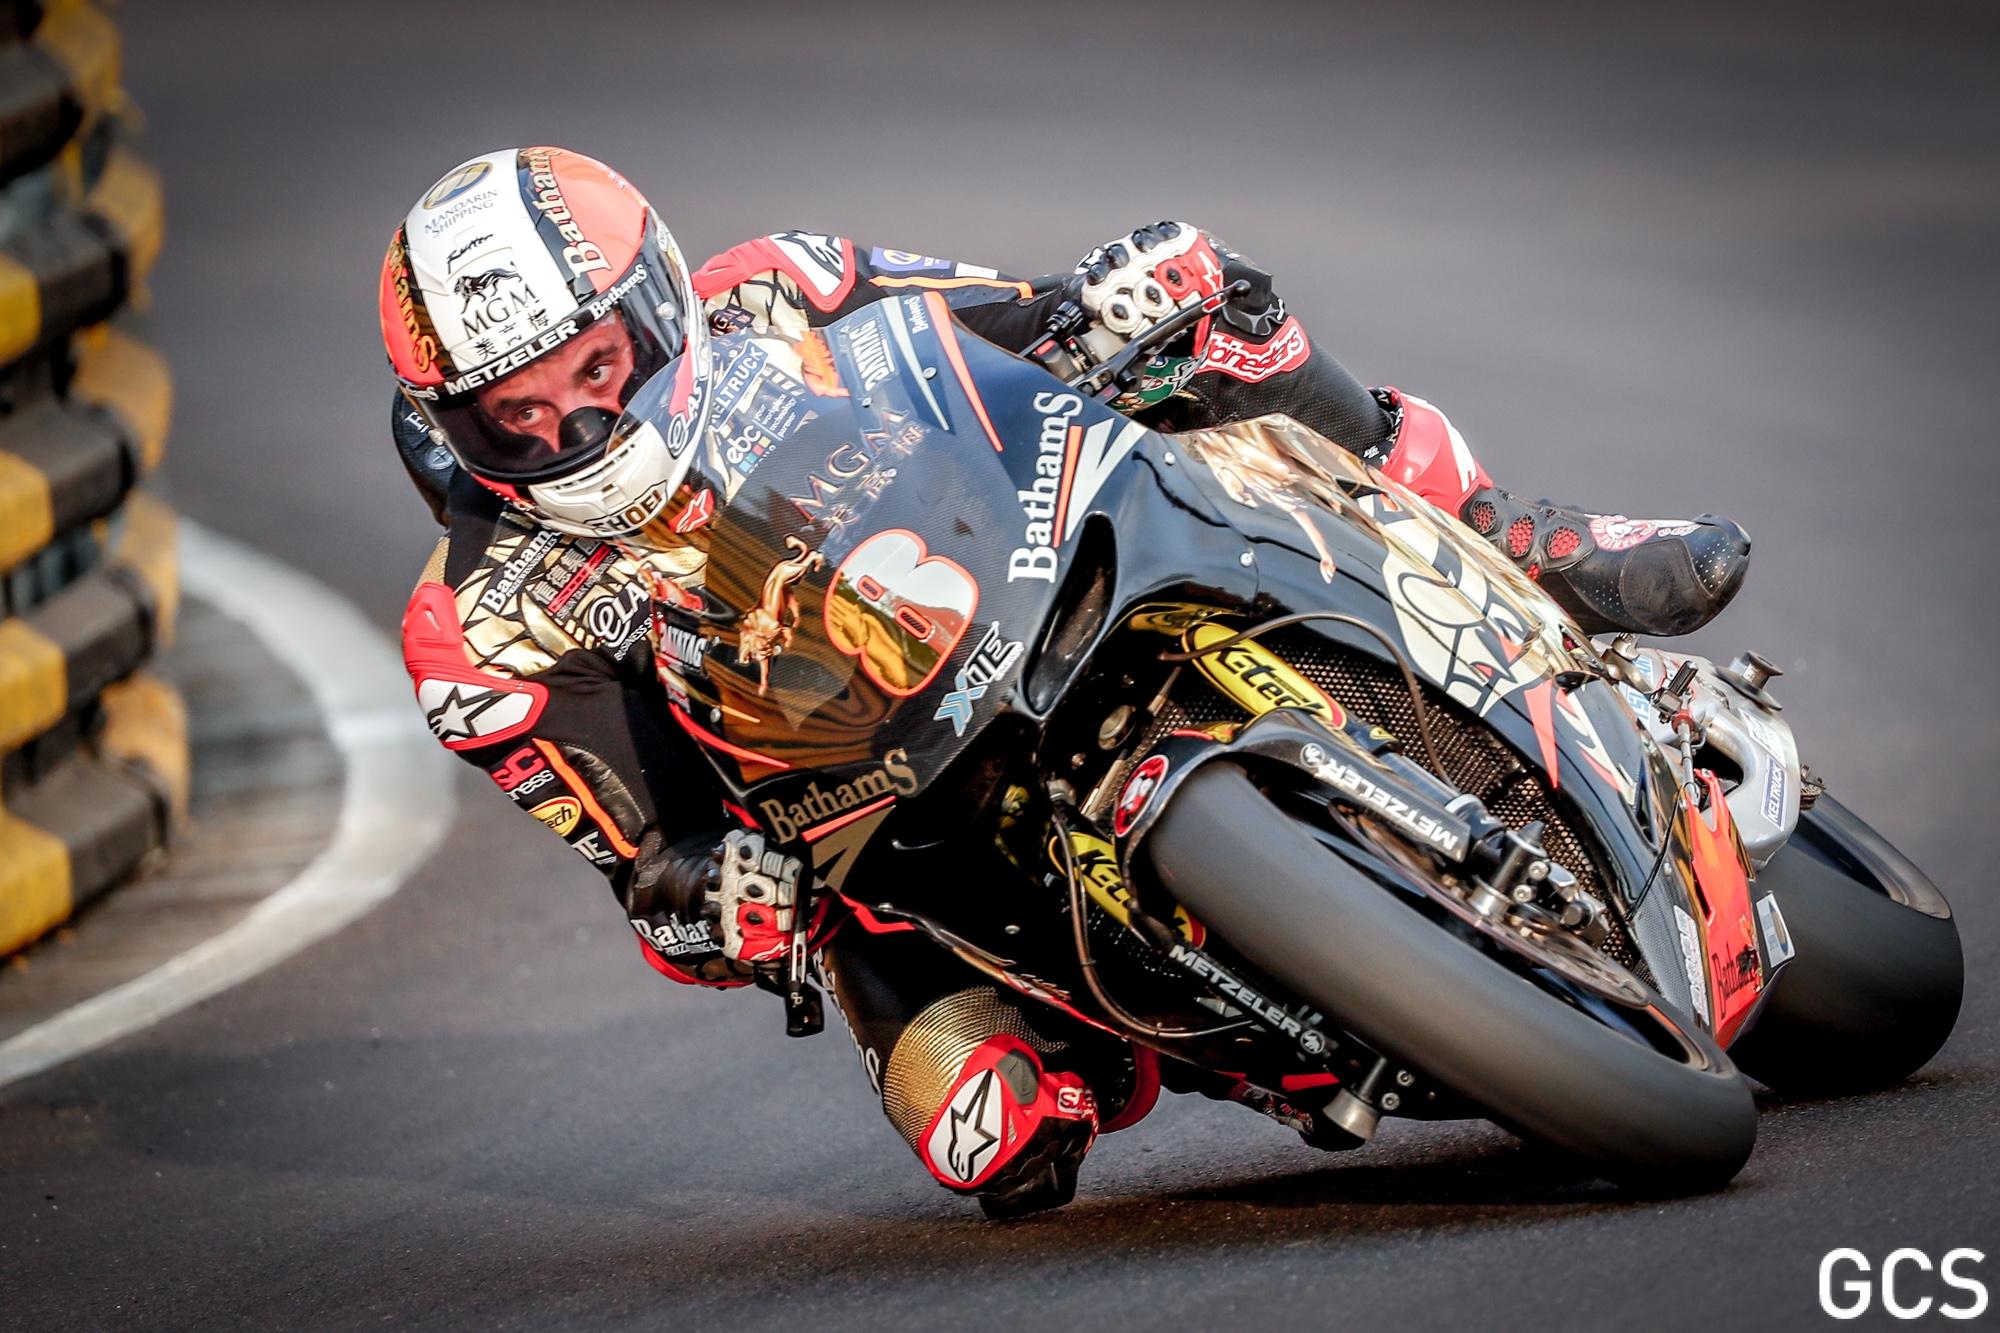 Michael Rutter durante el Gran Premio de Macao